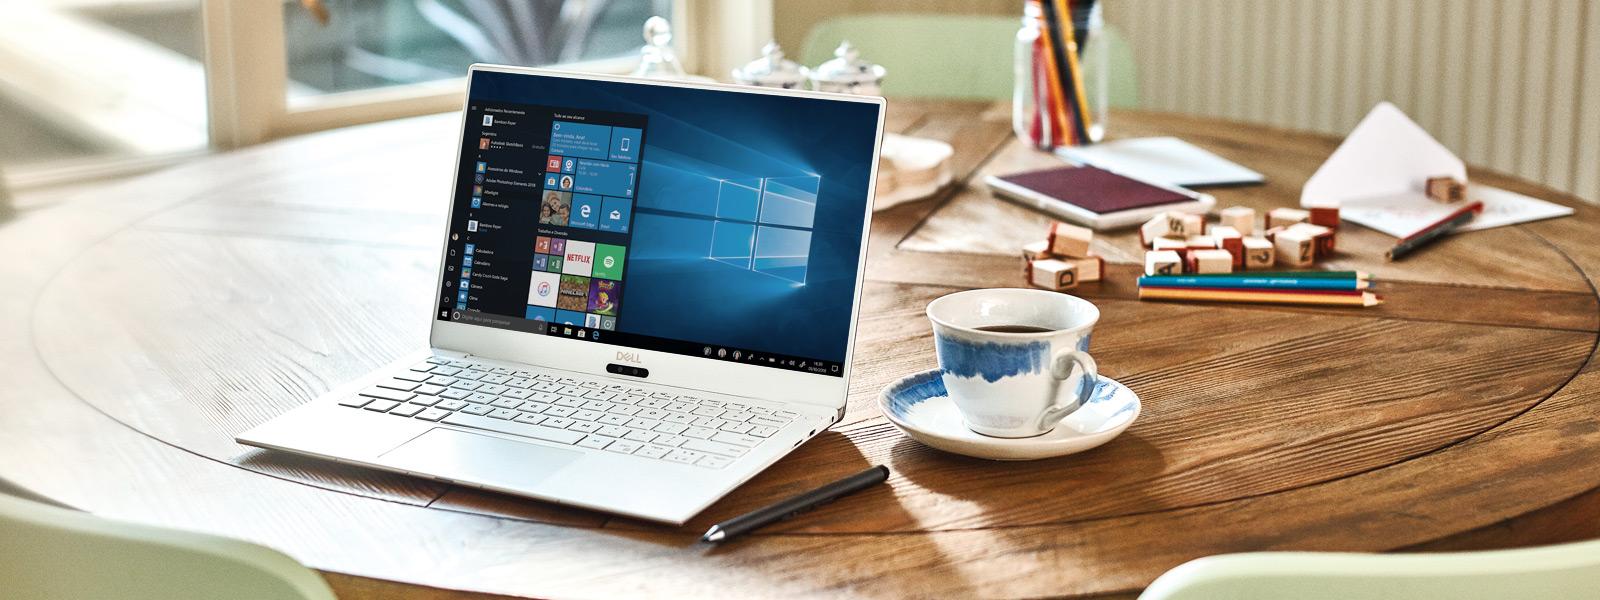 Um Dell XPS 13 9370 aberto em uma mesa com uma tela inicial do Windows 10.